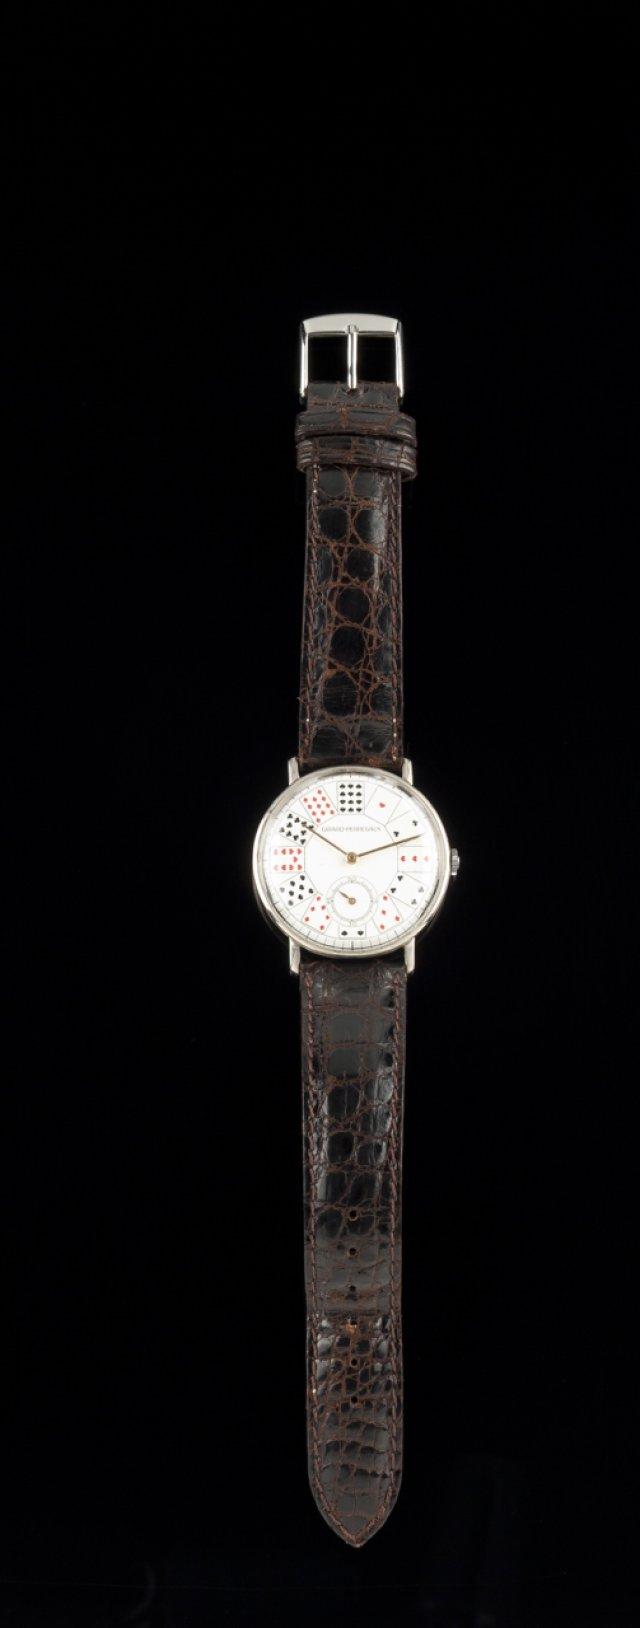 Relógio de pulso GIRARD-PERREGAUX